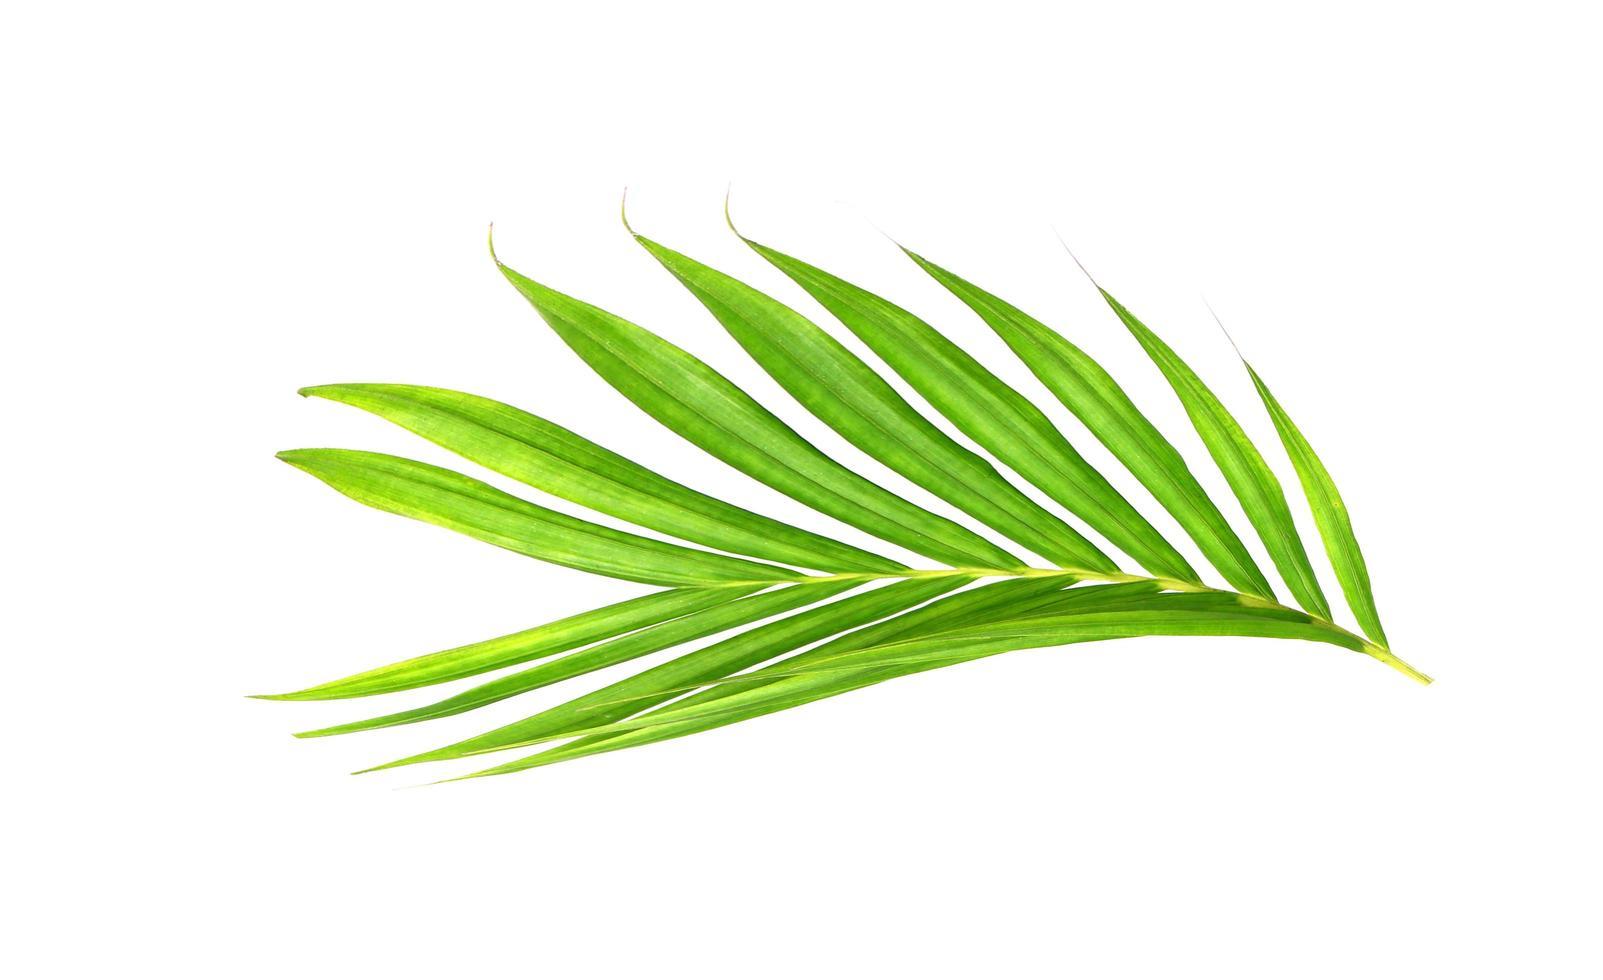 branche tropicale verte vibrante photo